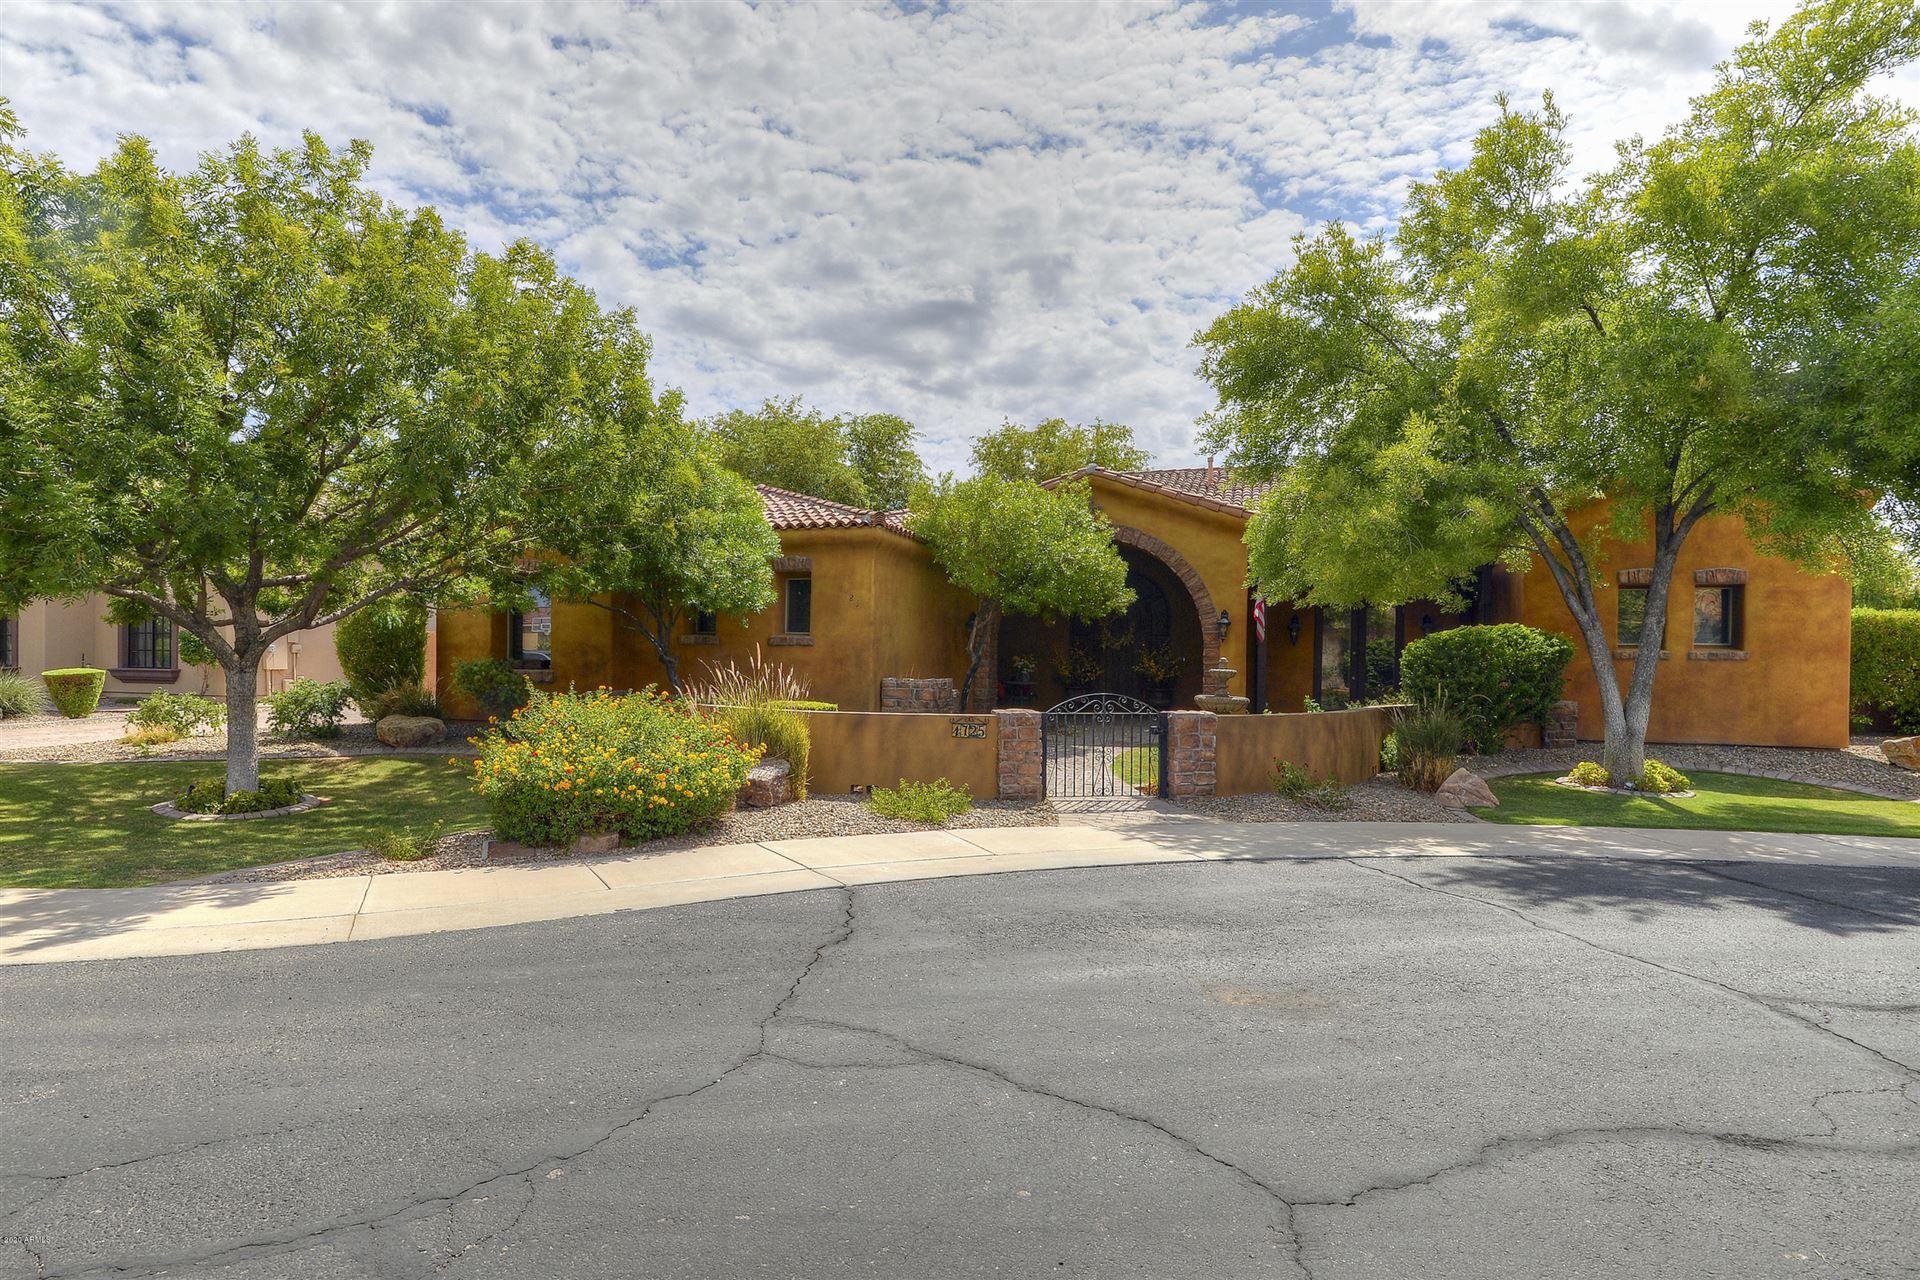 1725 S BEVERLY Court, Chandler, AZ 85286 - #: 6100802